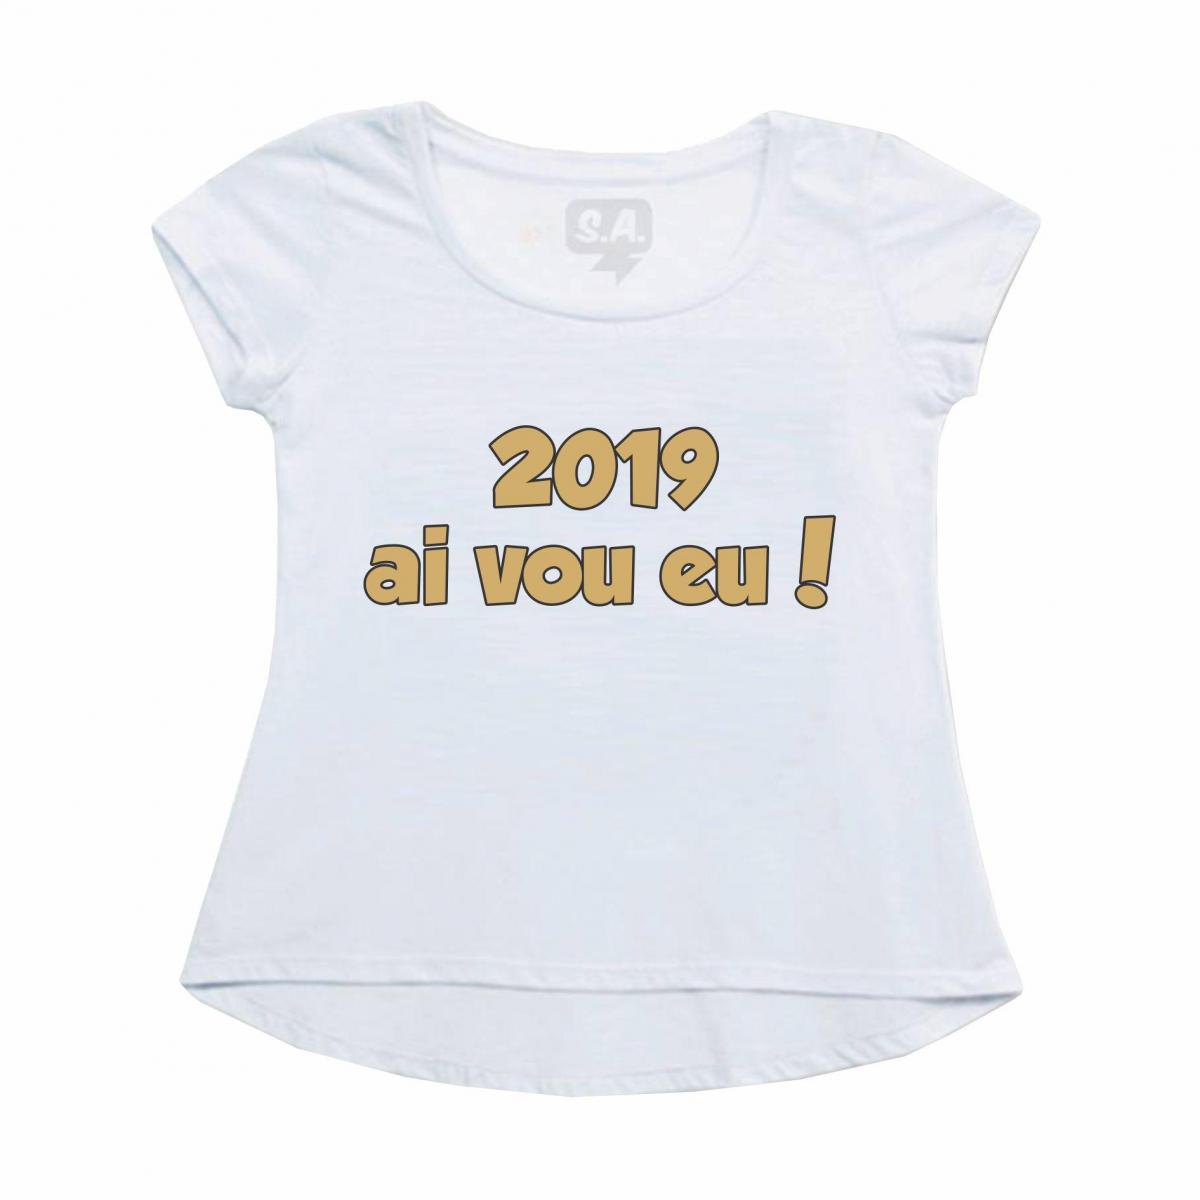 Bata - 2019 ai vou eu